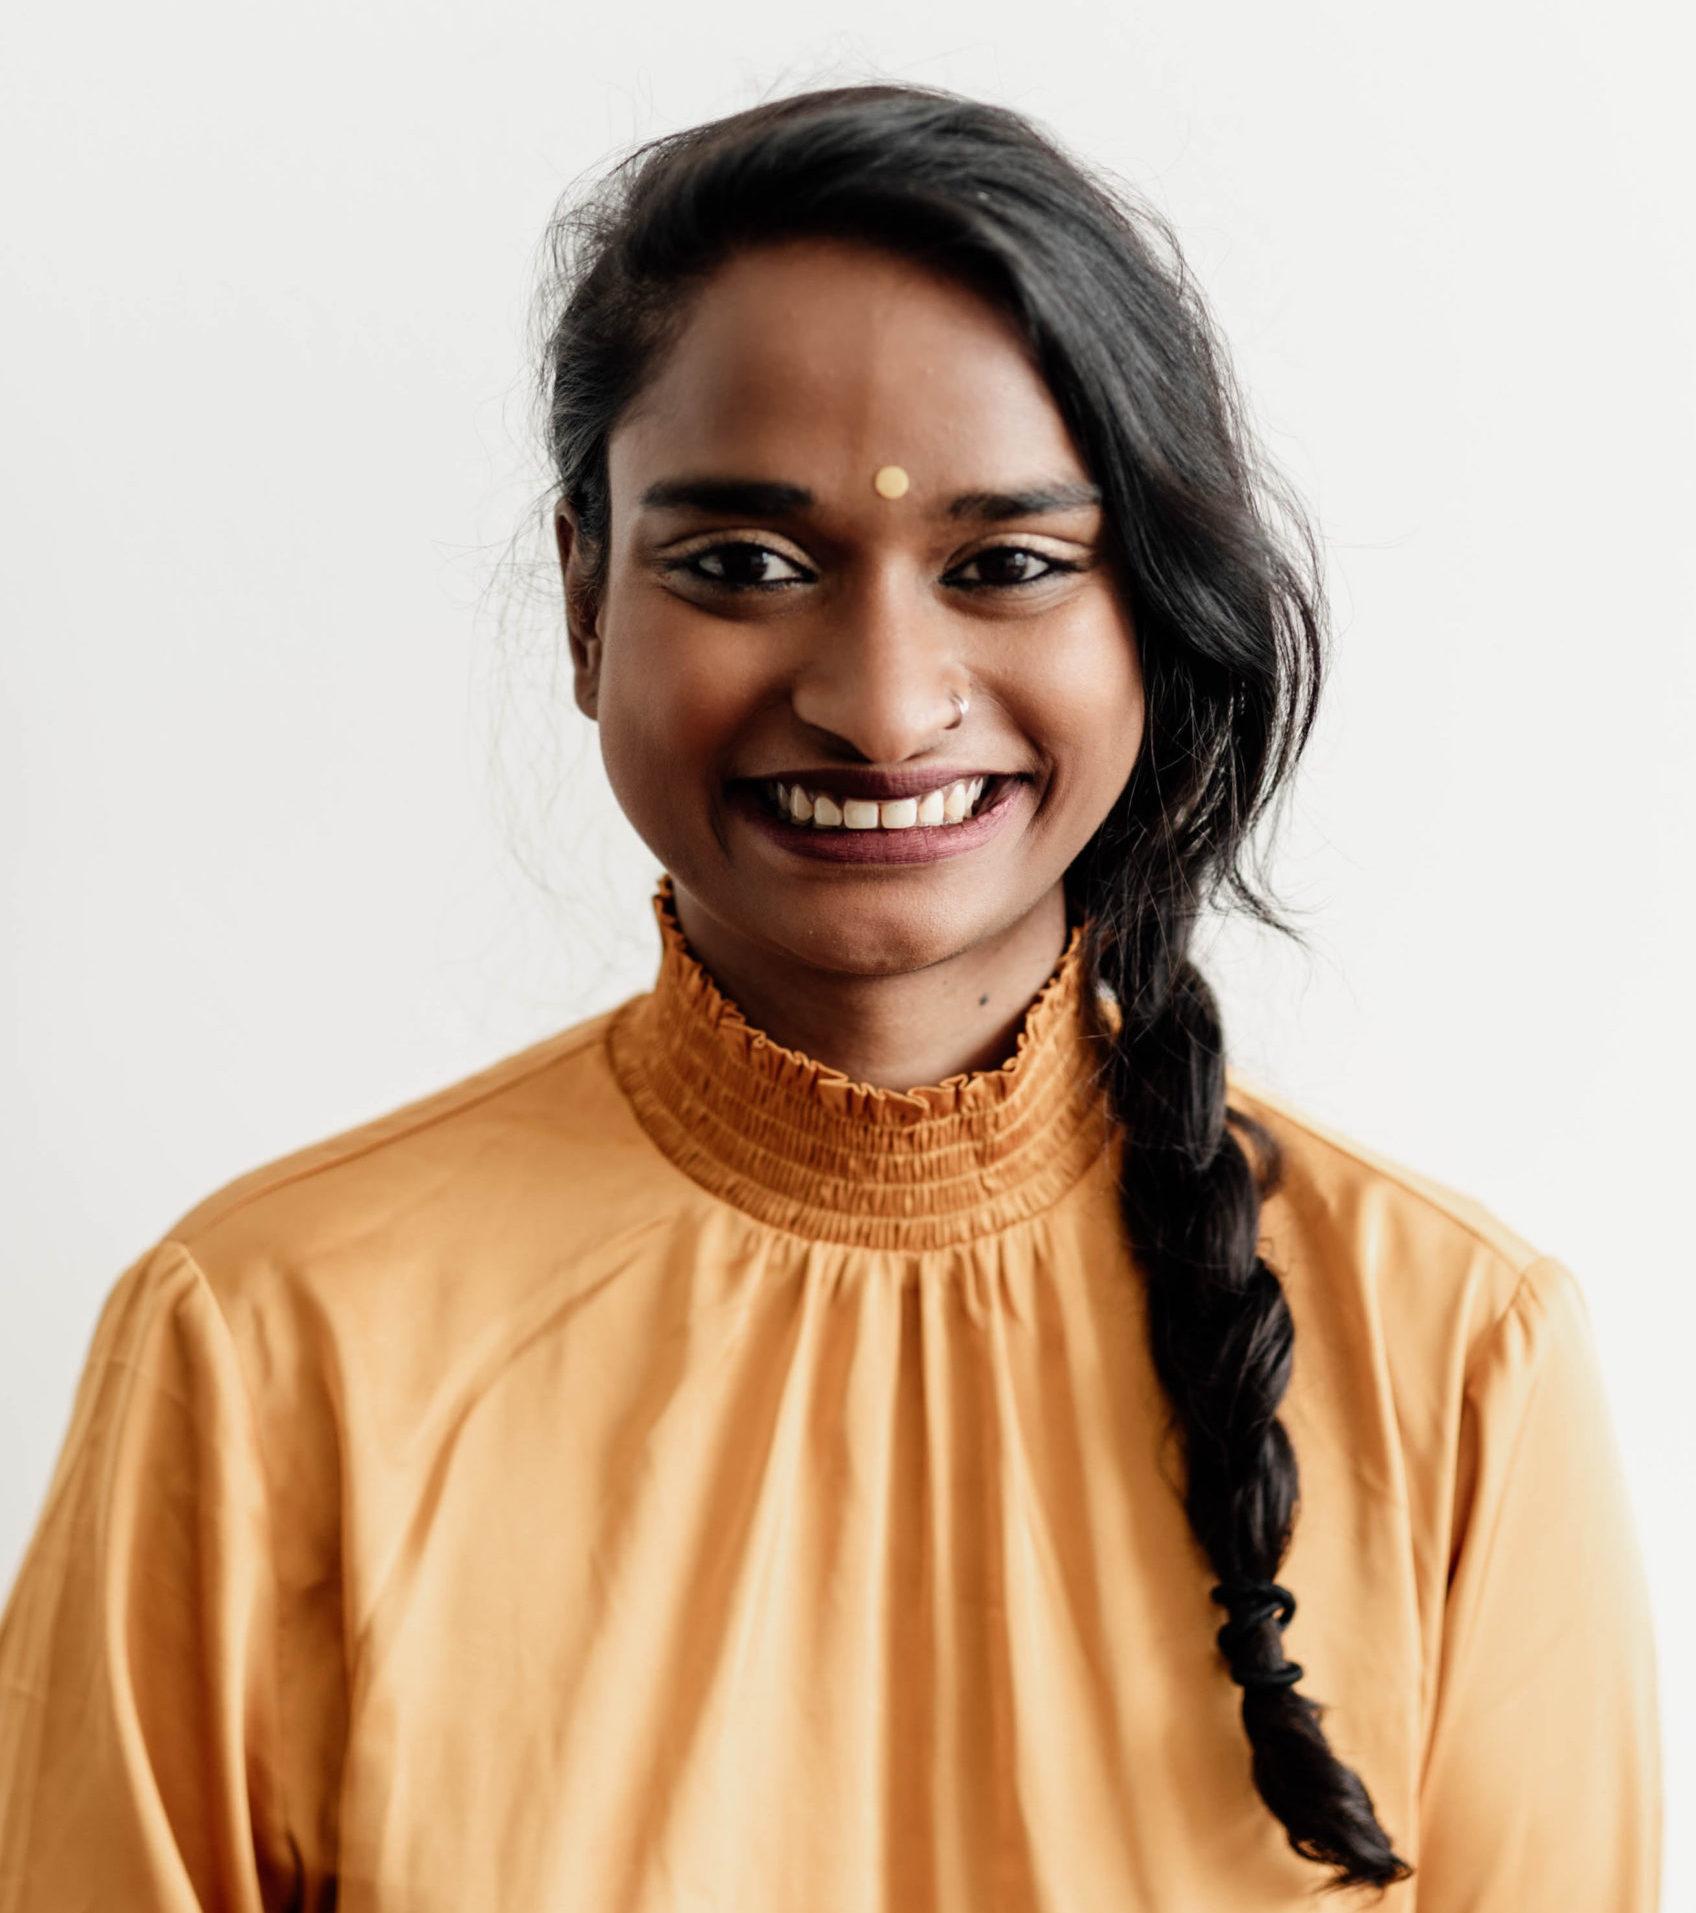 Sirianna Arathi